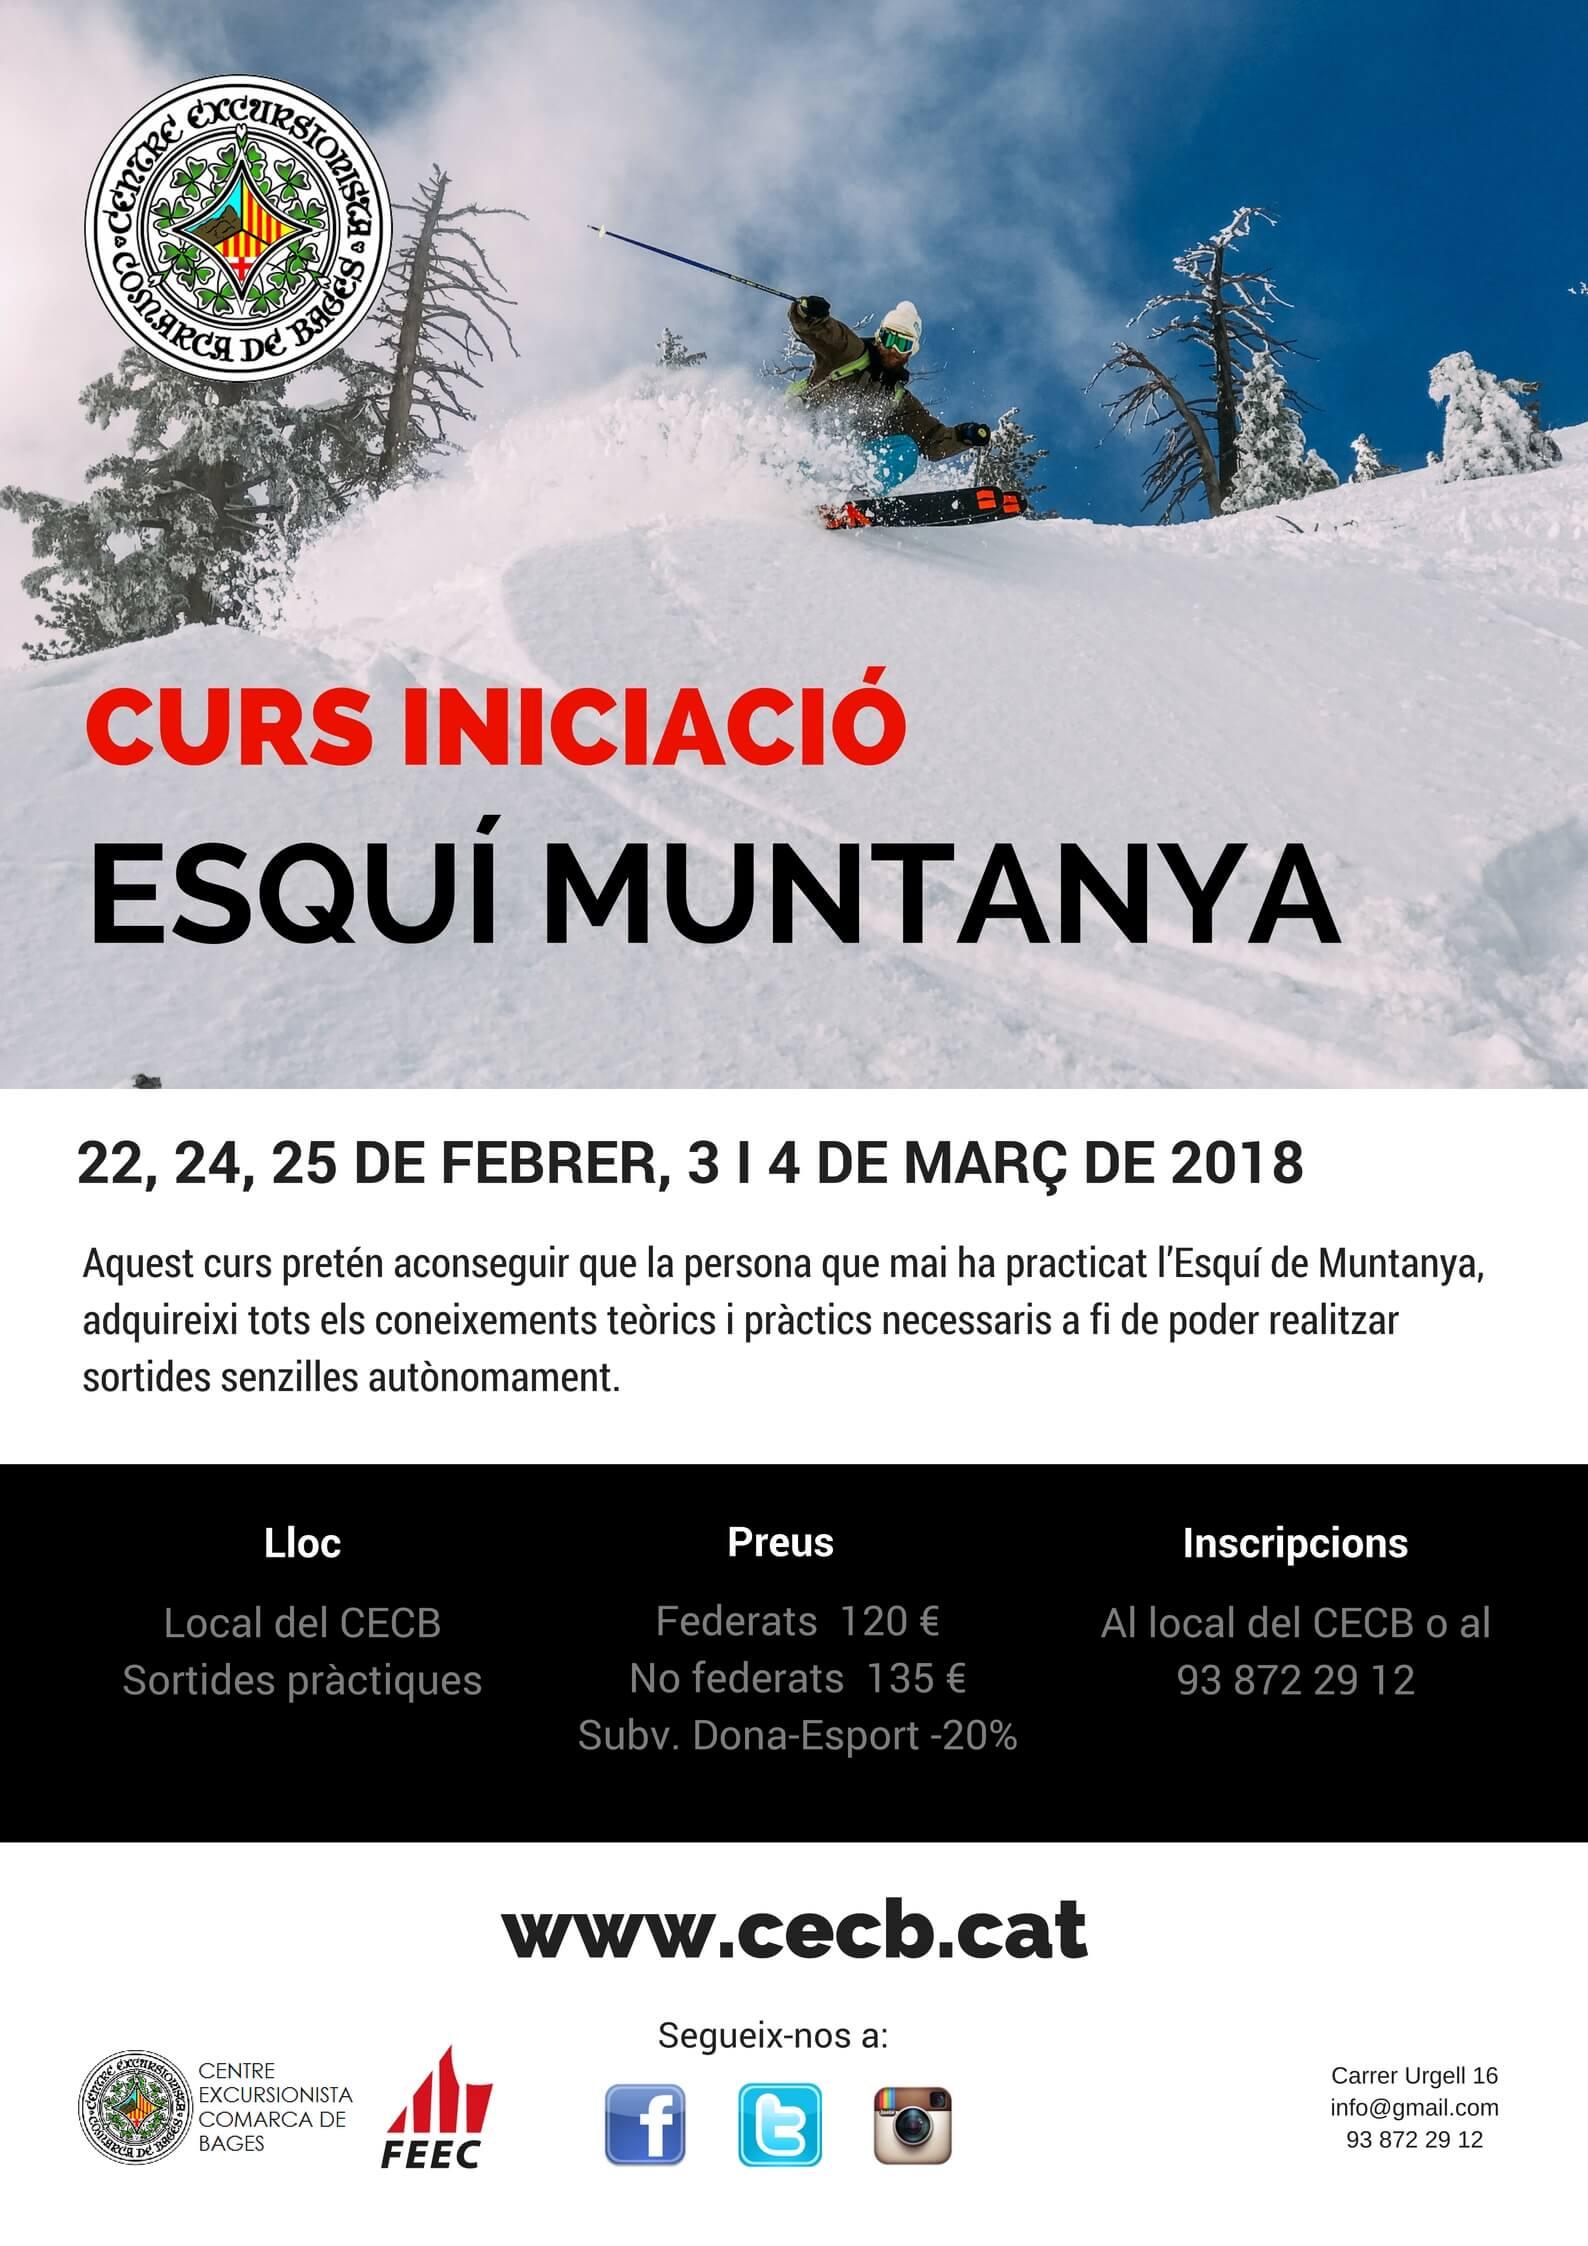 Curs iniciació esquí de muntanya